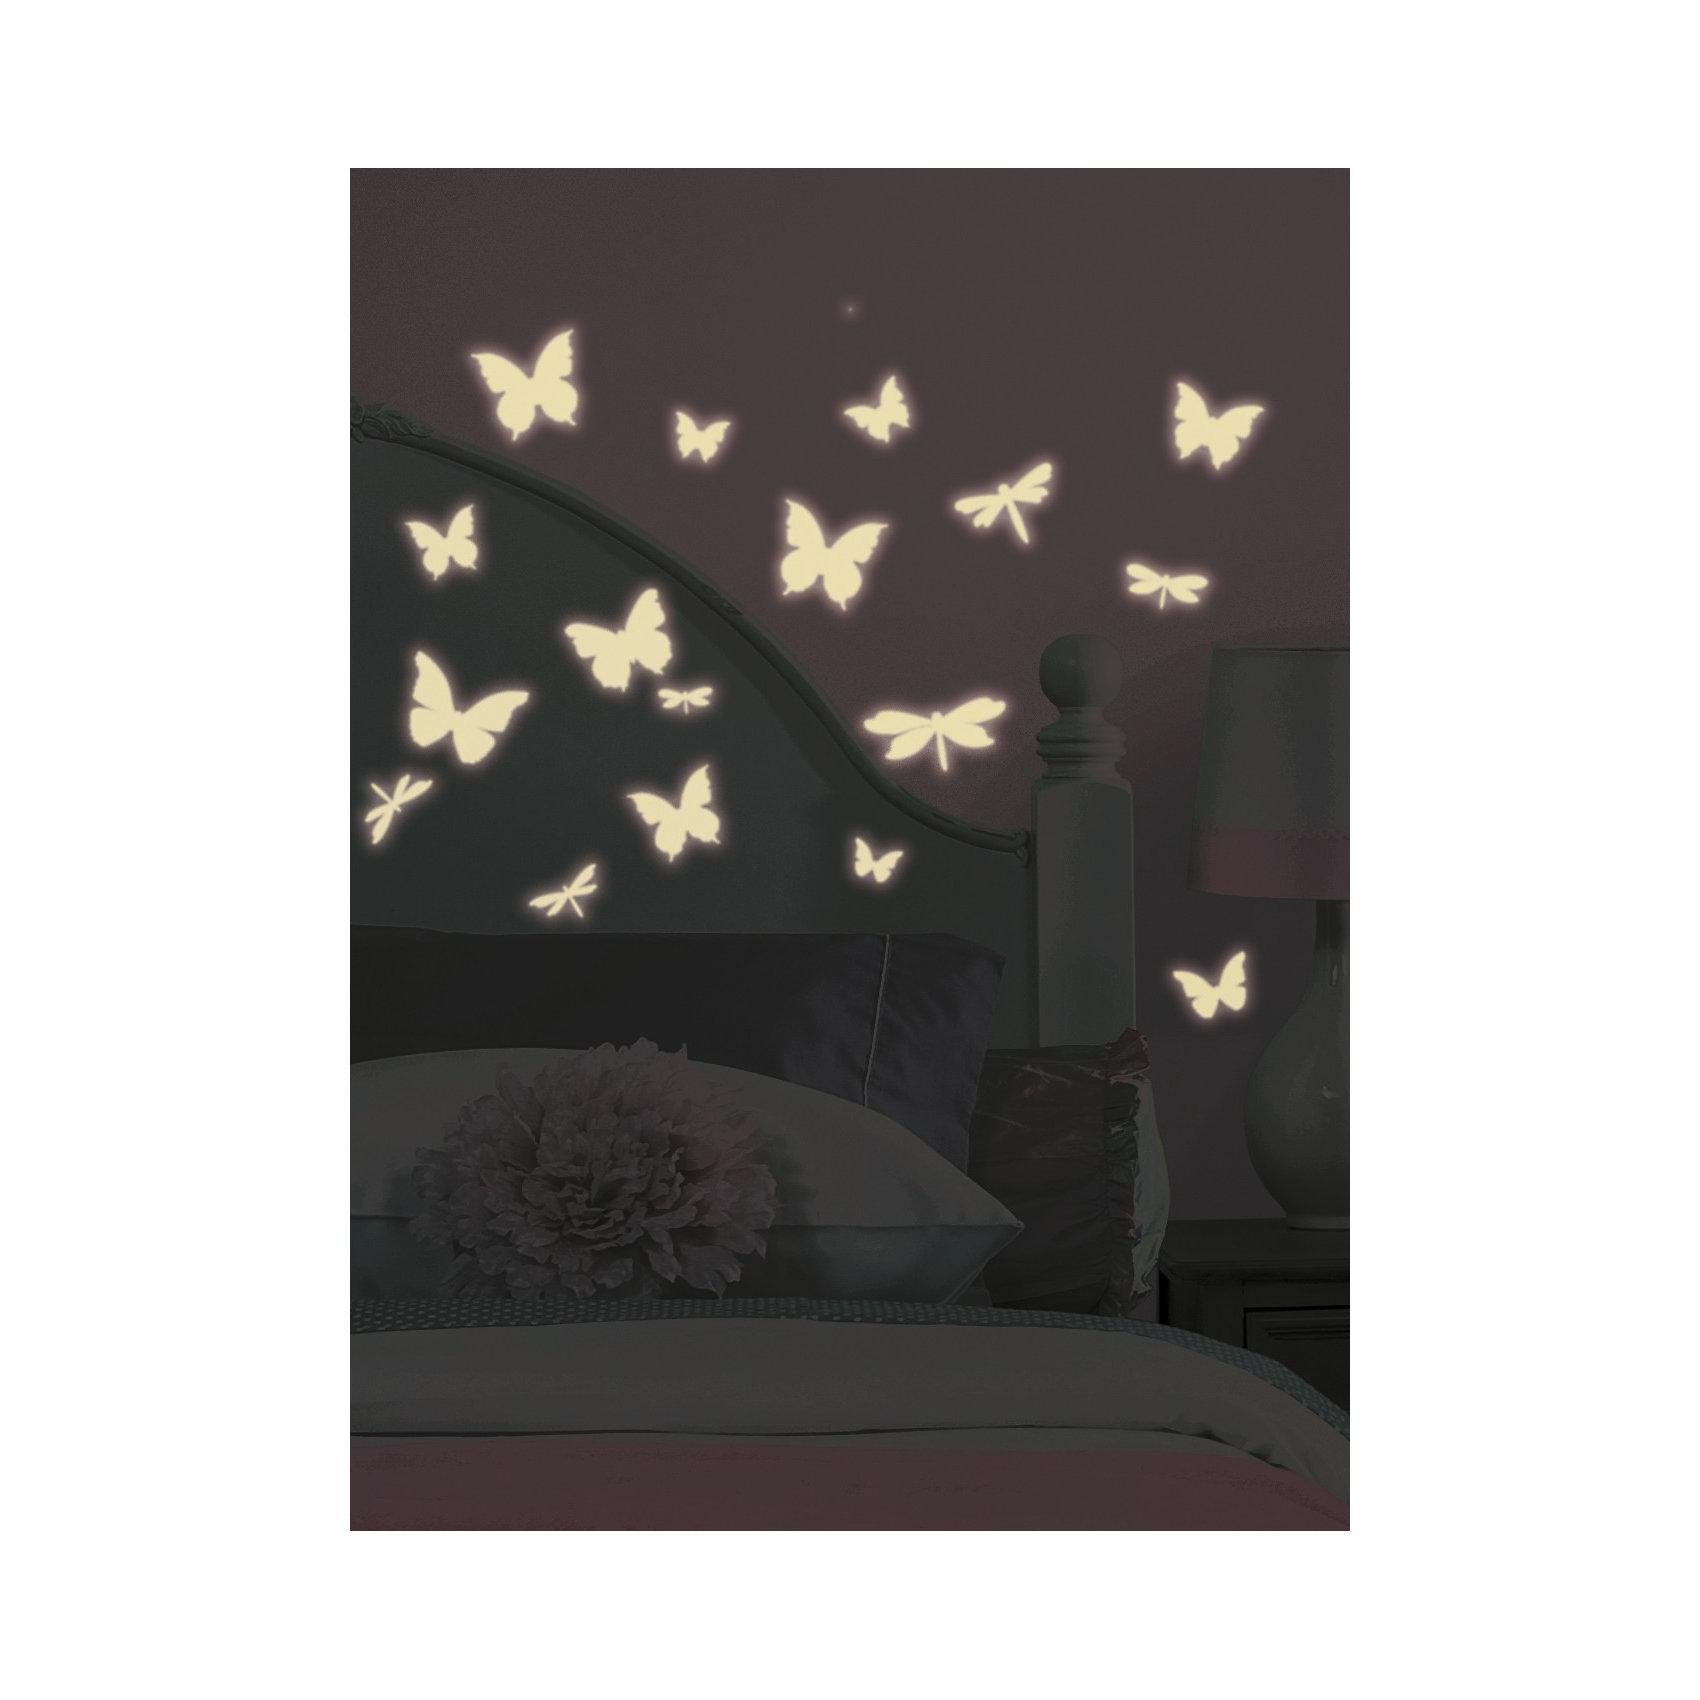 Наклейки для декора Бабочки и стрекозы (светятся в темноте)Наклейки для декора Бабочки и стрекозы от знаменитого производителя RoomMates станут украшением вашей квартиры! Придайте комнате оригинальный и элегантный вид с новым набором наклеек для декора, который светится в темноте! Наклейки, входящие в набор, изображают бабочек и стрекоз разного размера. Наклейки светятся в темноте мягким светом! Всего в наборе 80 стикеров. Наклейки не нужно вырезать - их следует просто отсоединить от защитного слоя и поместить на стену или любую другую плоскую гладкую поверхность. Наклейки многоразовые: их легко переклеивать и снимать со стены, они не оставляют липких следов на поверхности. Пожалуйста, обратите внимание на то, что для достижения эффекта свечения наклейки должны побыть под воздействием прямого солнечного света! В каждой индивидуальной упаковке Вы можете найти 4 листа с различными наклейками! Таким образом, покупая наклейки фирмы RoomMates, Вы получаете гораздо больший ассортимент наклеек, имея возможность украсить ими различные поверхности в доме.<br><br>Ширина мм: 269<br>Глубина мм: 128<br>Высота мм: 27<br>Вес г: 168<br>Цвет: белый<br>Возраст от месяцев: 72<br>Возраст до месяцев: 144<br>Пол: Женский<br>Возраст: Детский<br>SKU: 2510857